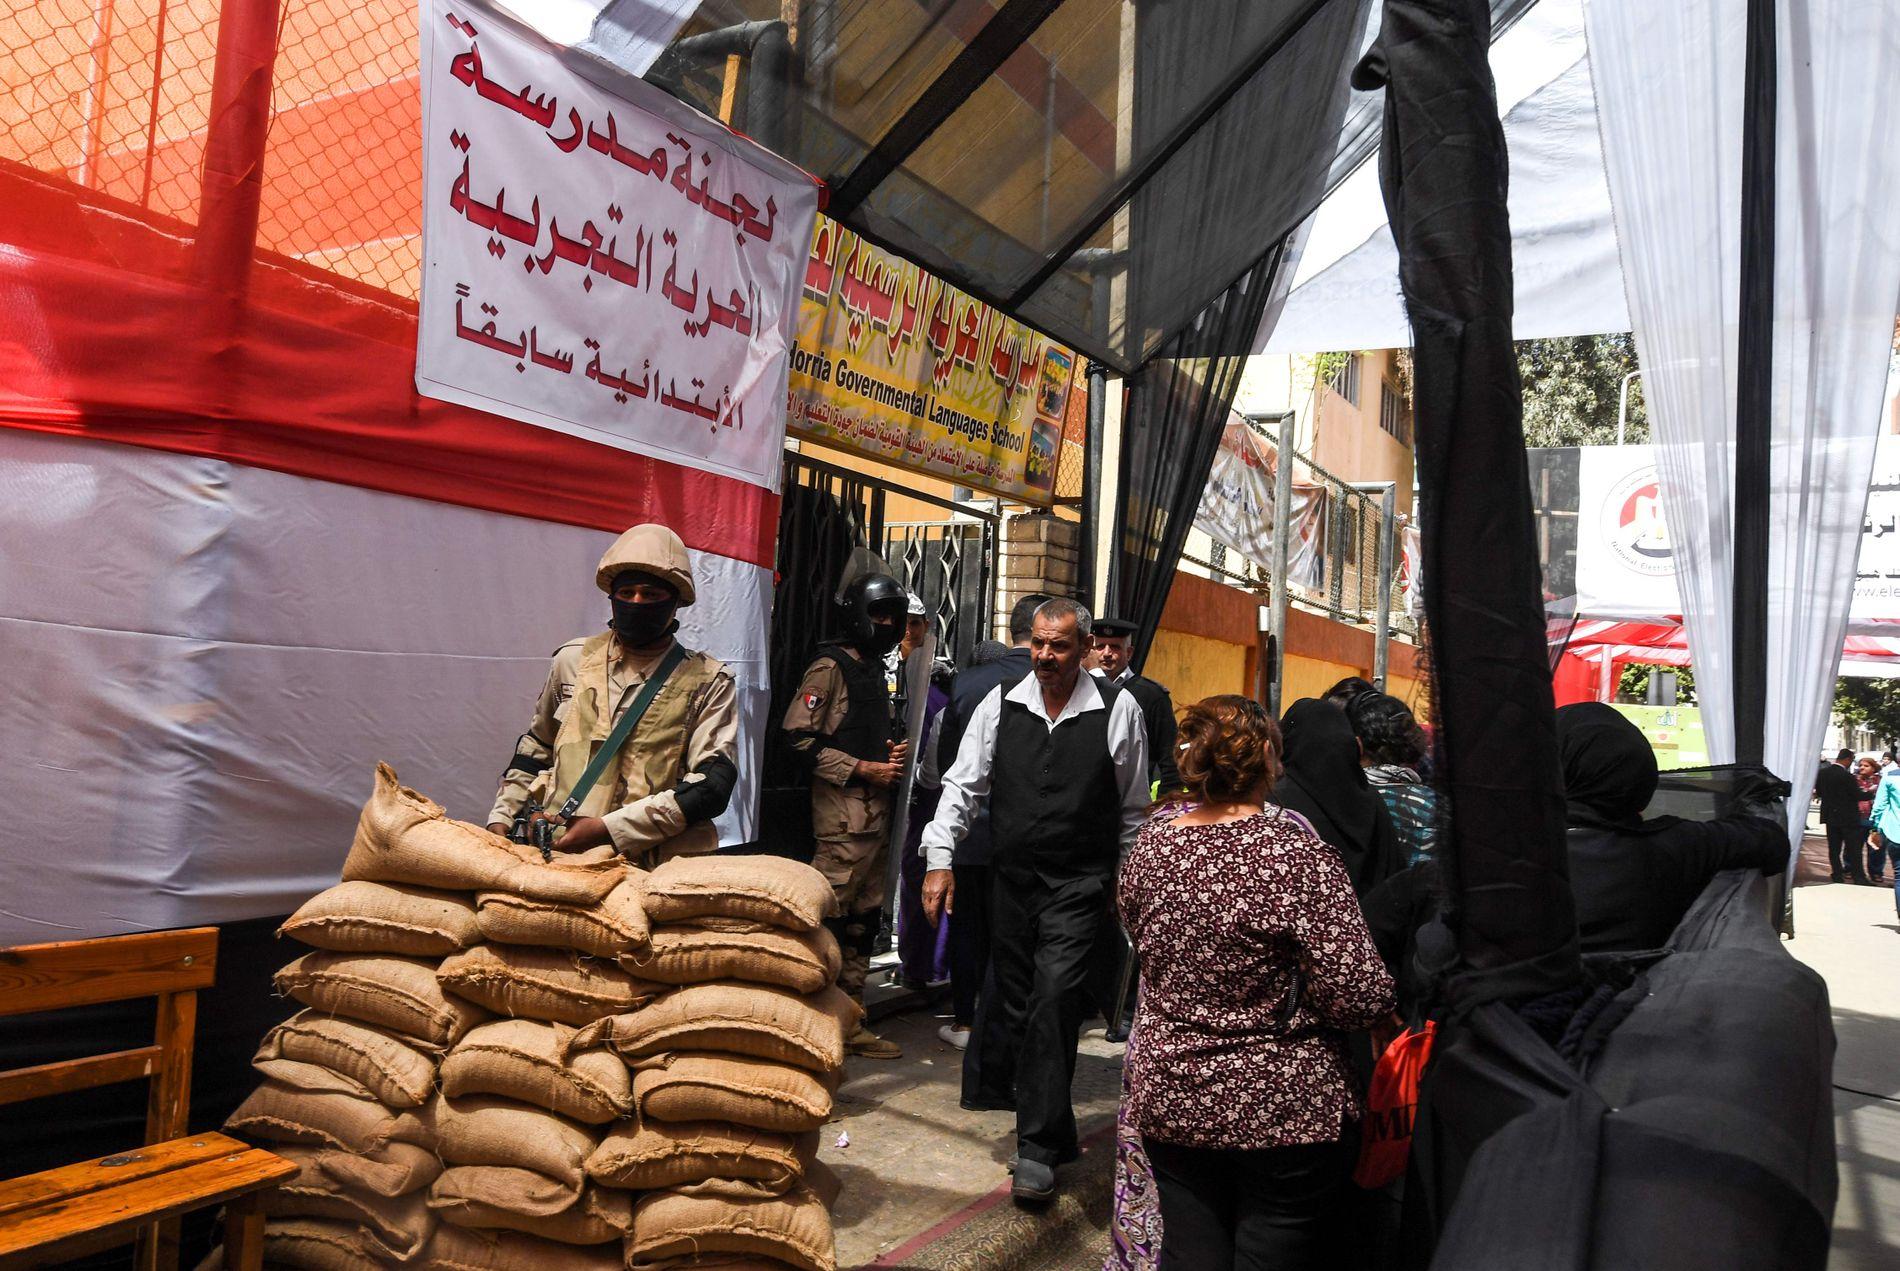 VALGET VOKTES:Velgere i kø utenfor et valglokale i det sentrale Kairo.